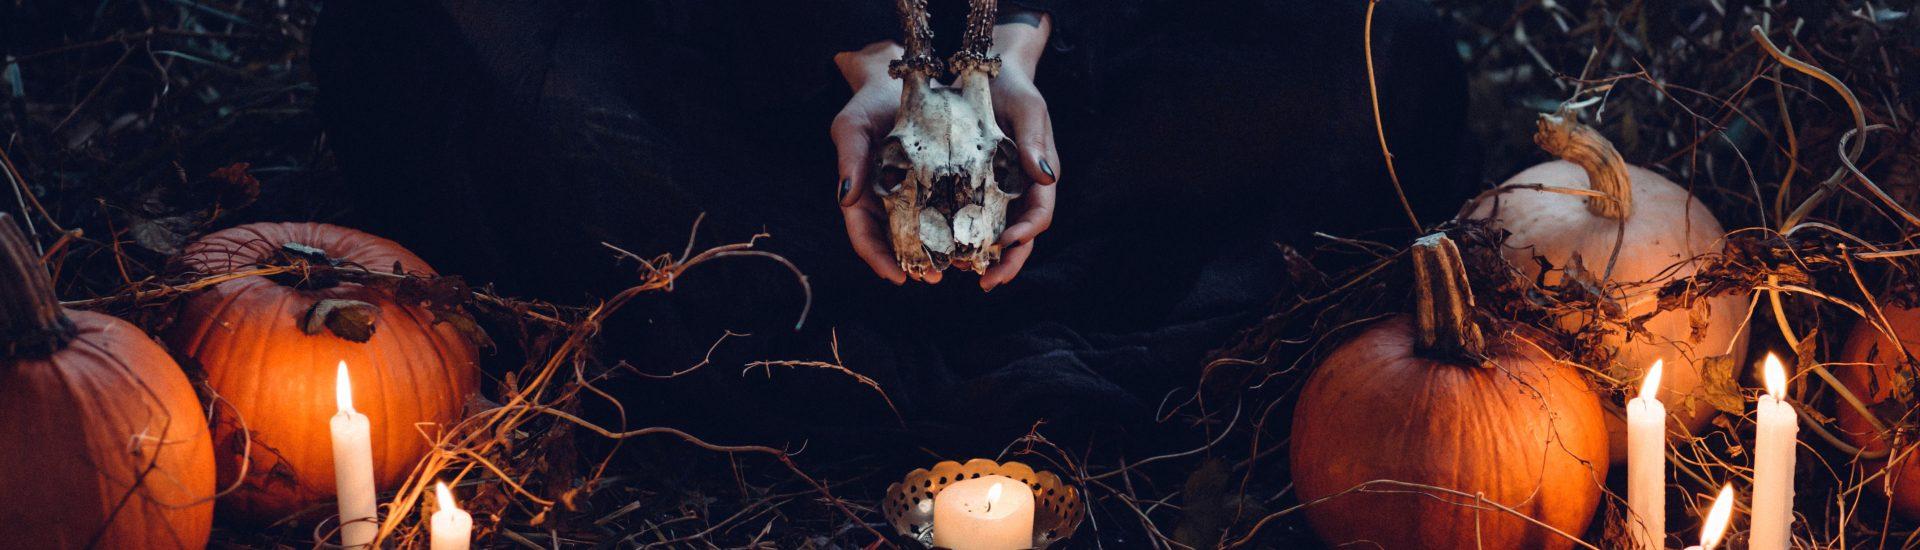 i 13 Obiettivi di una Wiccan